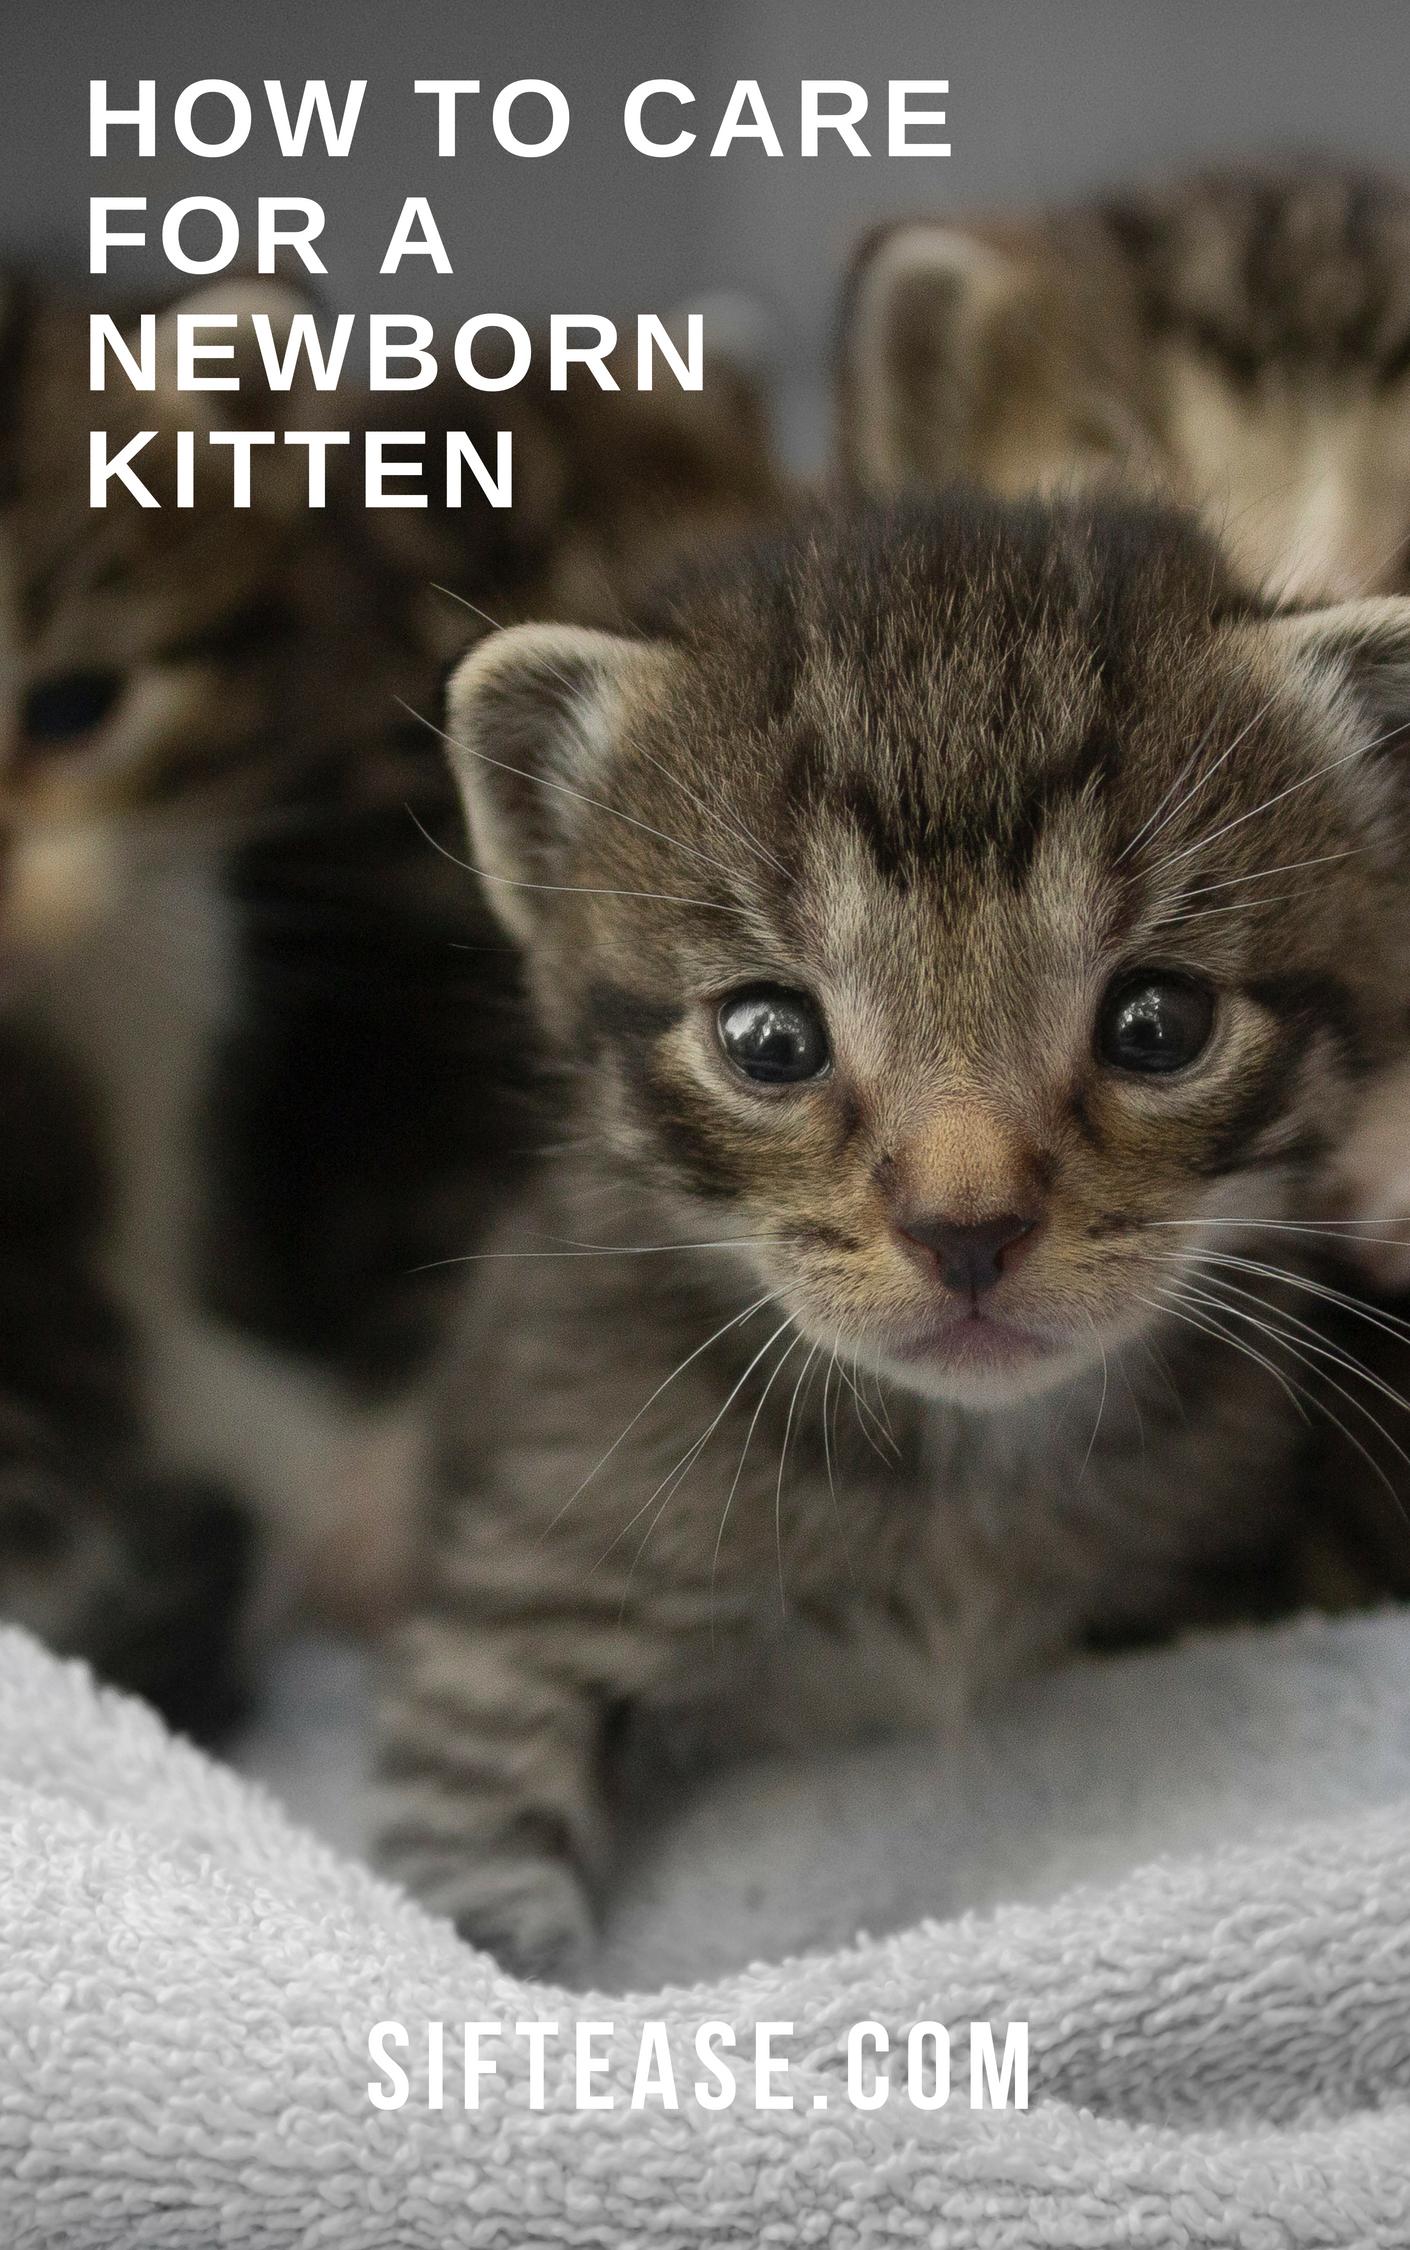 How To Care For a Newborn Kitten Newborn kittens